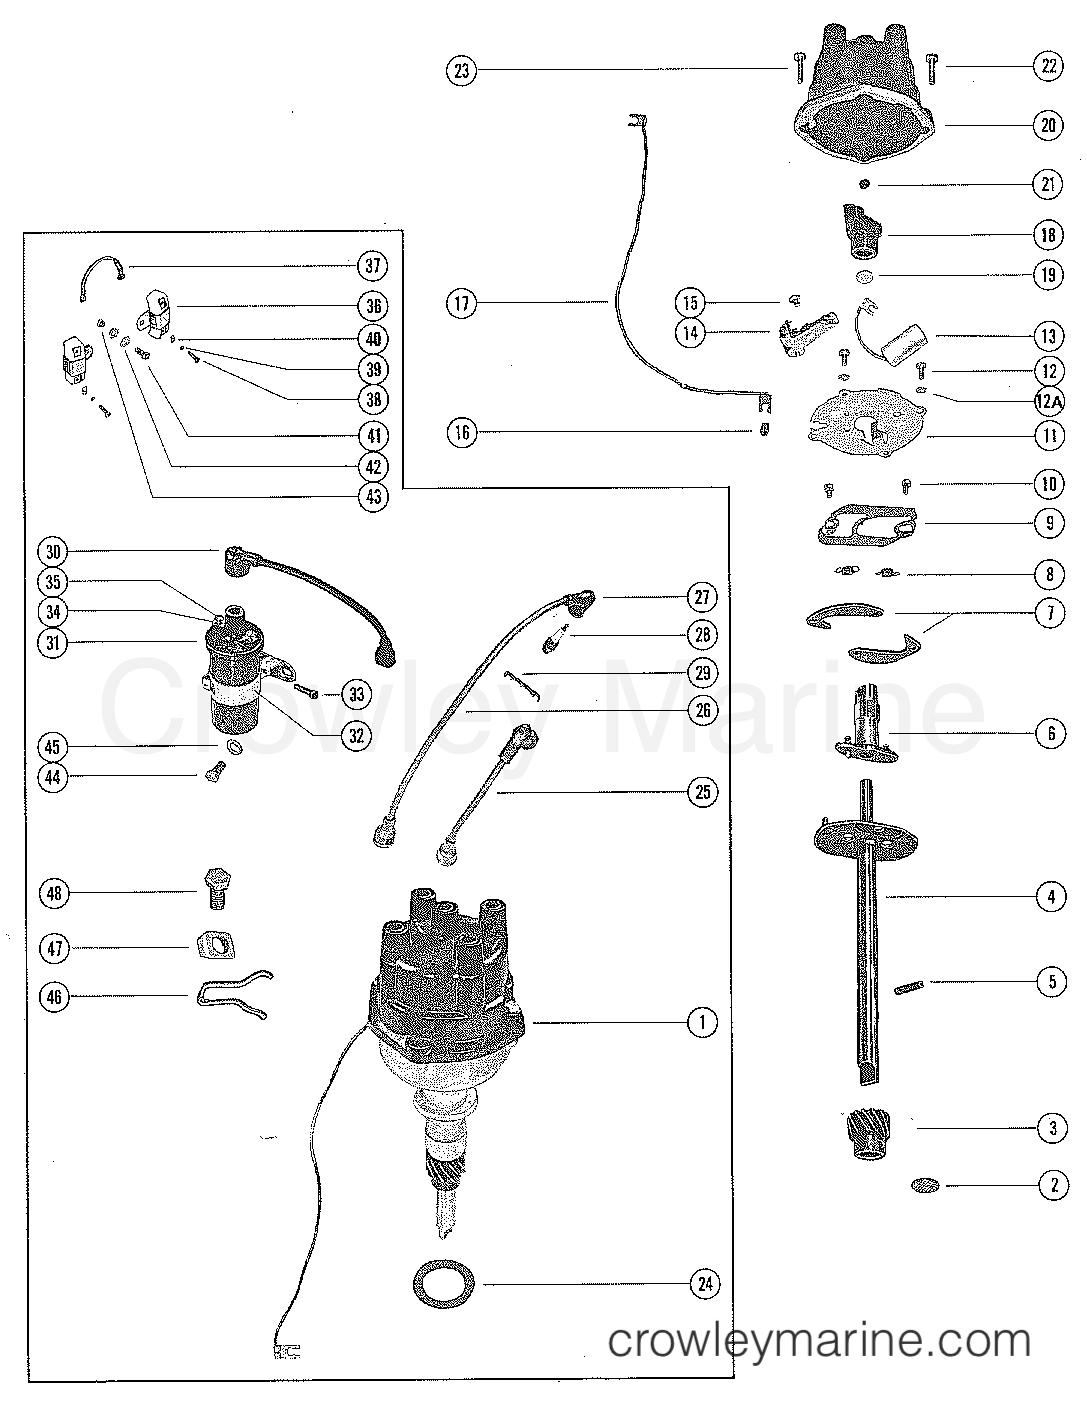 Mercruiser 140 Wiring Diagram